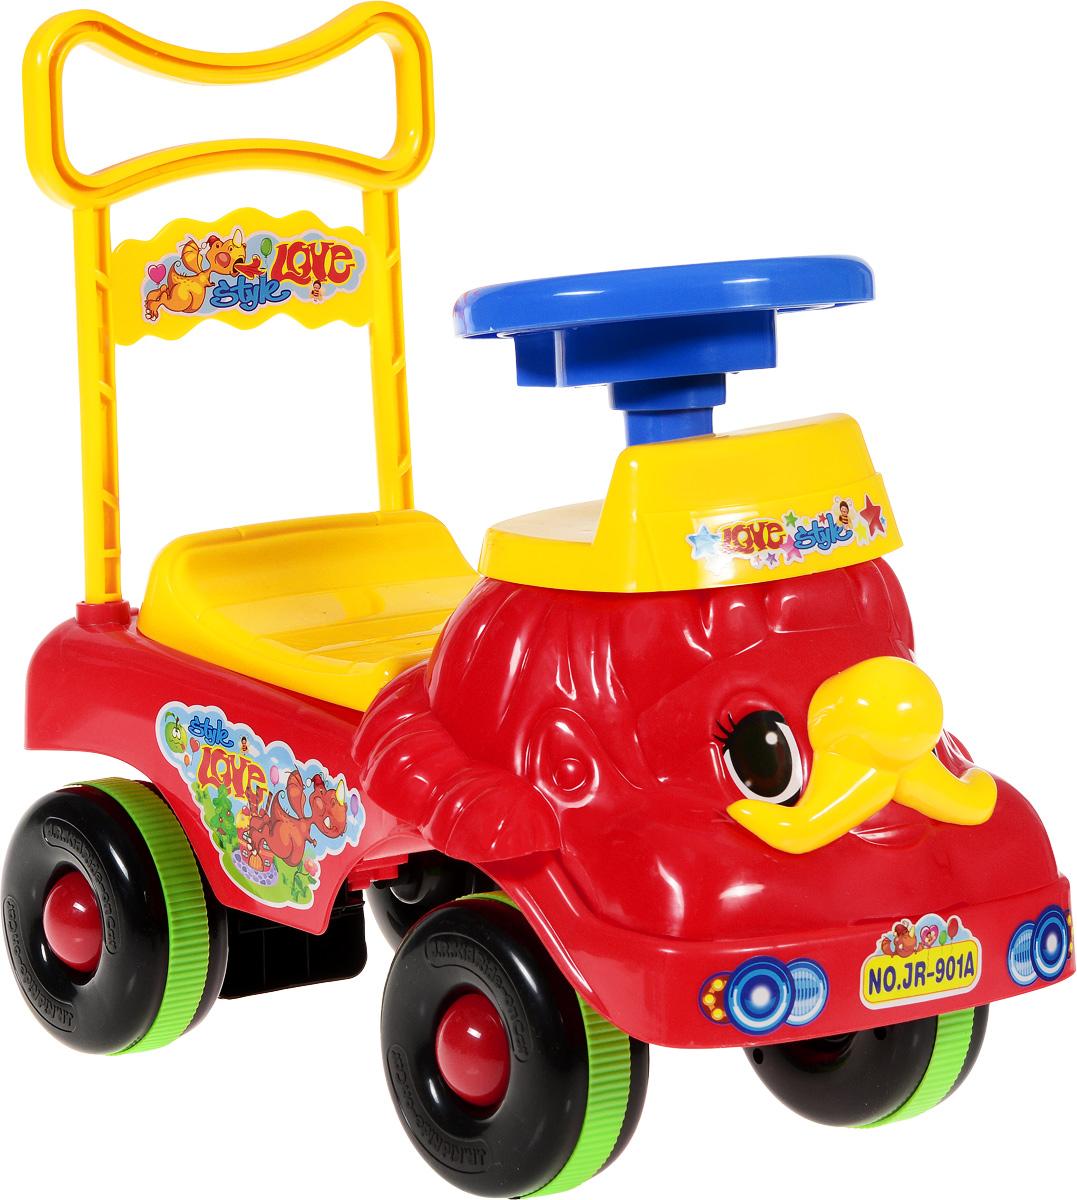 J.R. TOYS Каталка детская цвет красный желтыйJR-901AДетская каталка J.R. TOYS - яркая и удобная машинка, на которой с удовольствием будут кататься малыши старше 18 месяцев. Изделие выполнено из яркого и полностью безопасного для ребенка материала. Машина имеет удобное сиденье со спинкой, широкие устойчивые колеса и руль, который позволит ребенку в полной мере ощутить себя водителем. Спинка высокая. Она может служить ручкой для малыша, который использует машинку в качестве ходунков, толкая ее перед собой. Под сиденьем имеется место для различных игрушек. Модель оснащена звуковыми эффектами. Эффектный дизайн сделает игрушку центром внимания всех на детской площадке. Необходимо купить 2 батарейки напряжением типа АА (не входят в комплект).